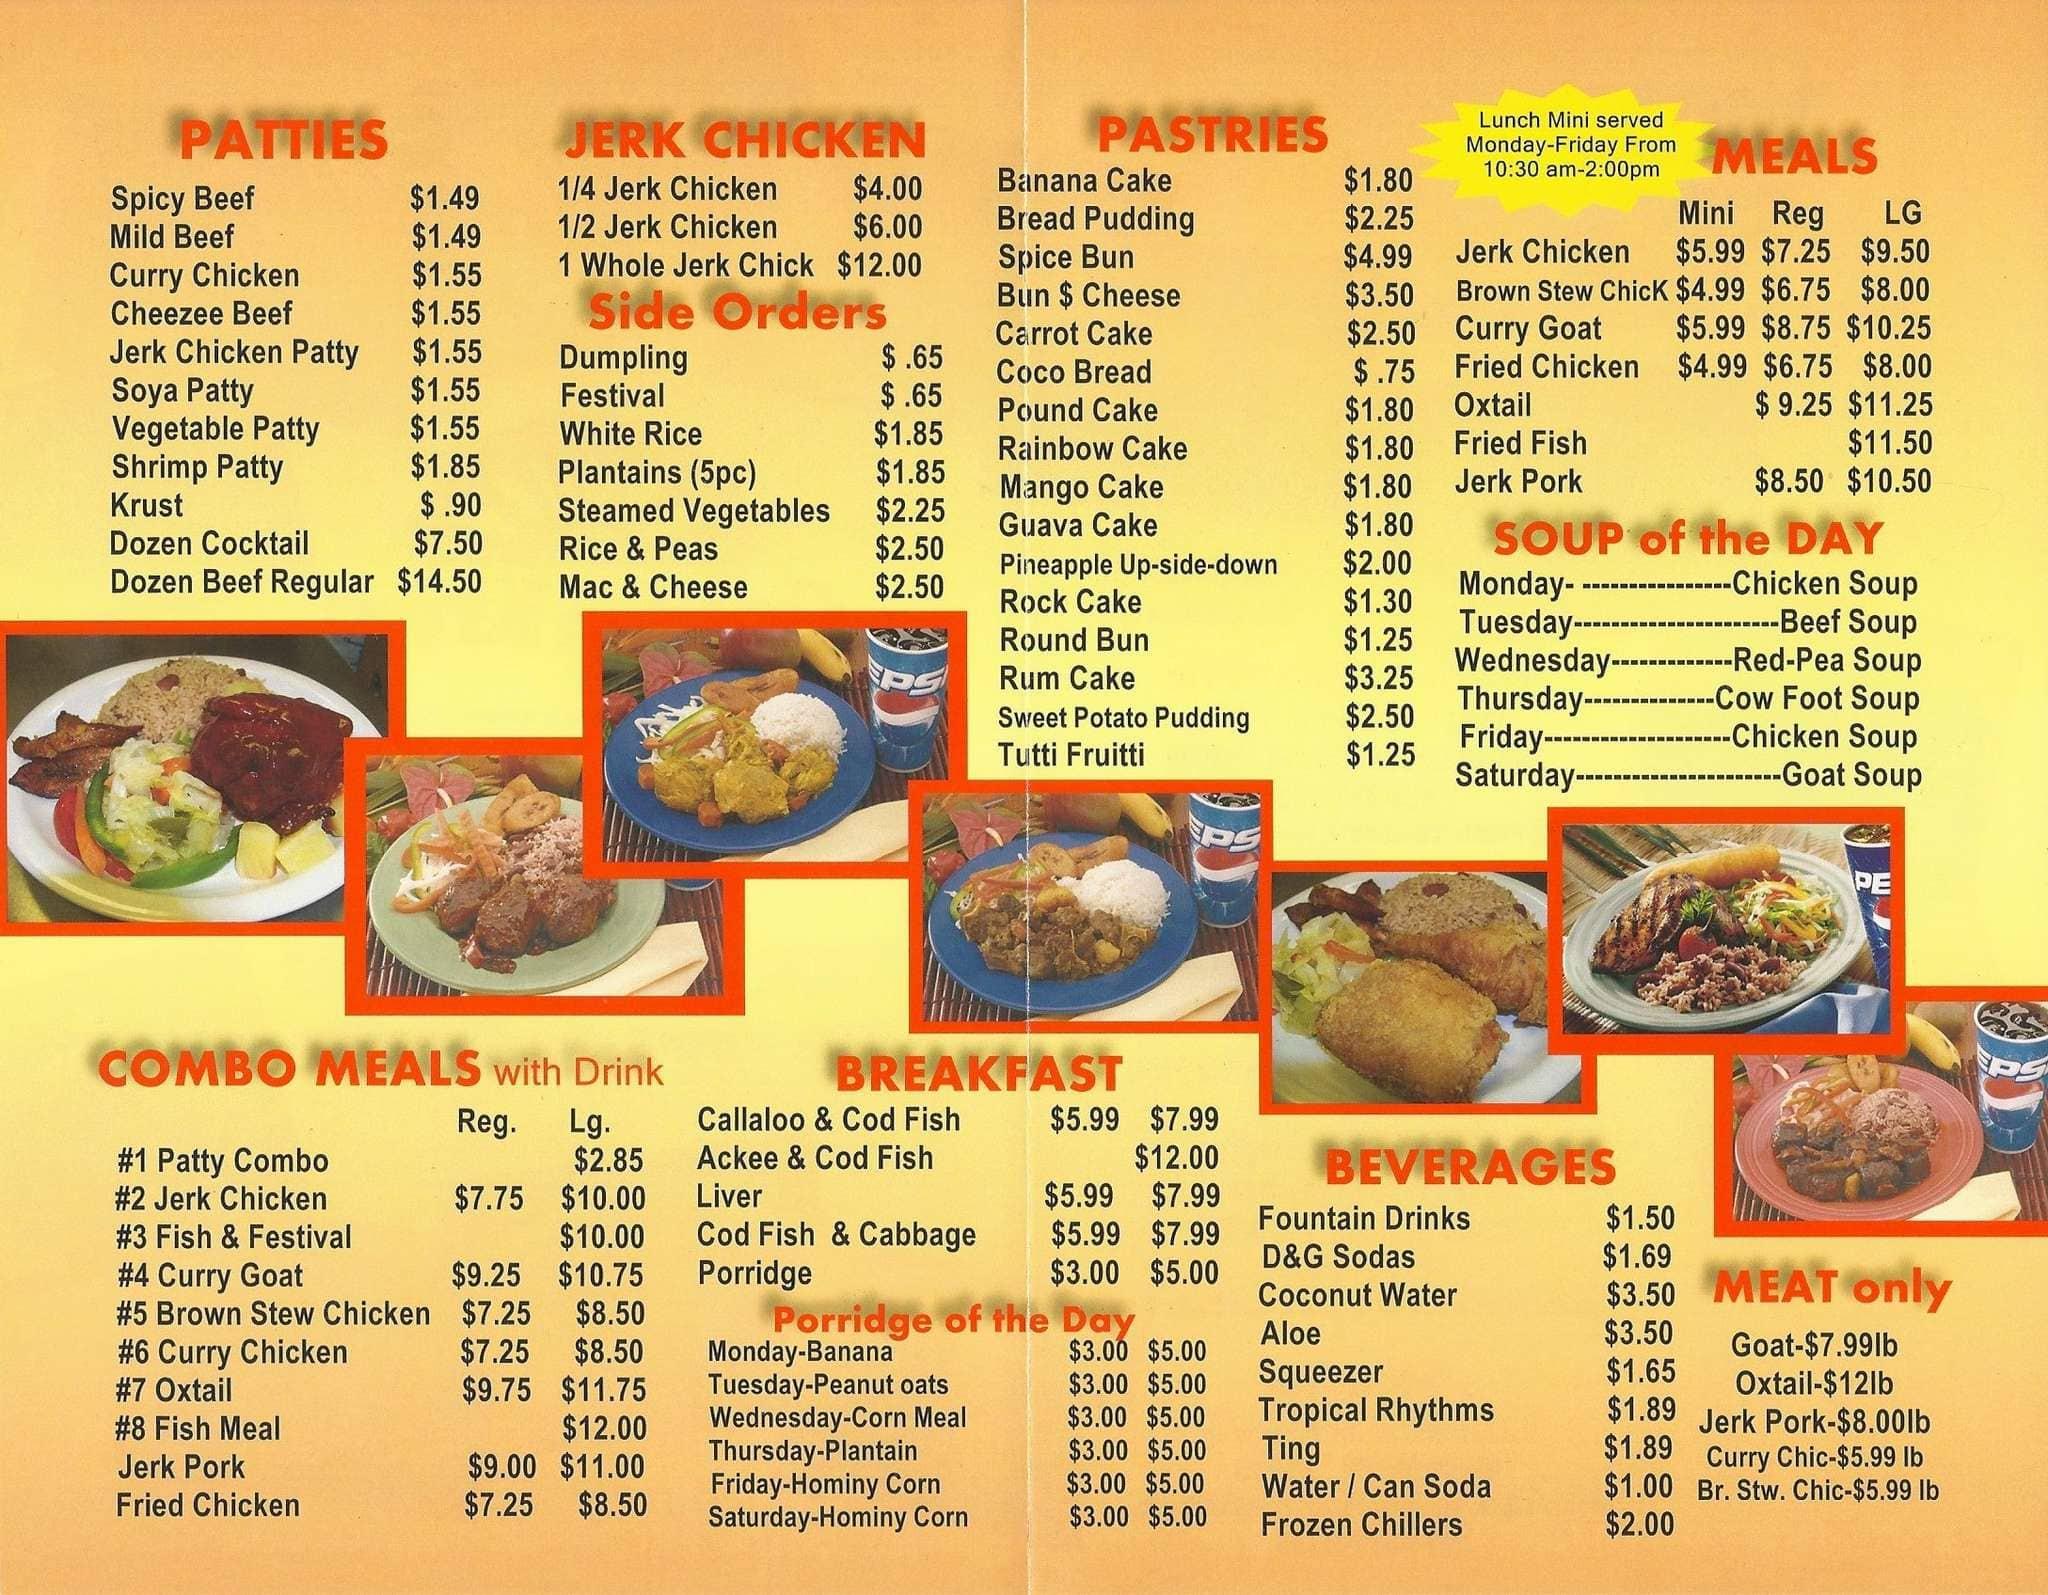 Golden Krust Caribbean Bakery Grill Lauderhill Menu